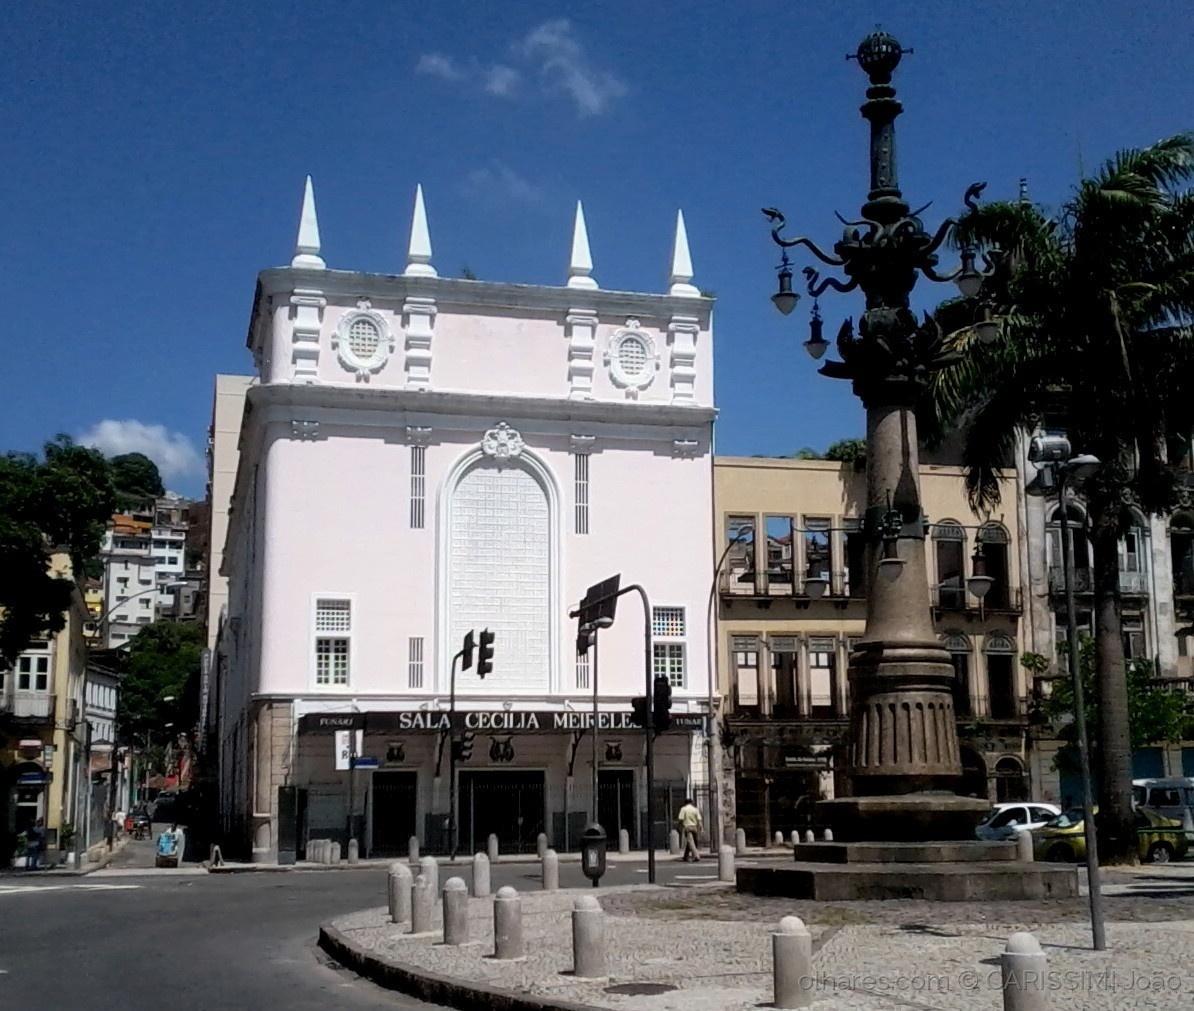 Sala Ceicilia Meireles